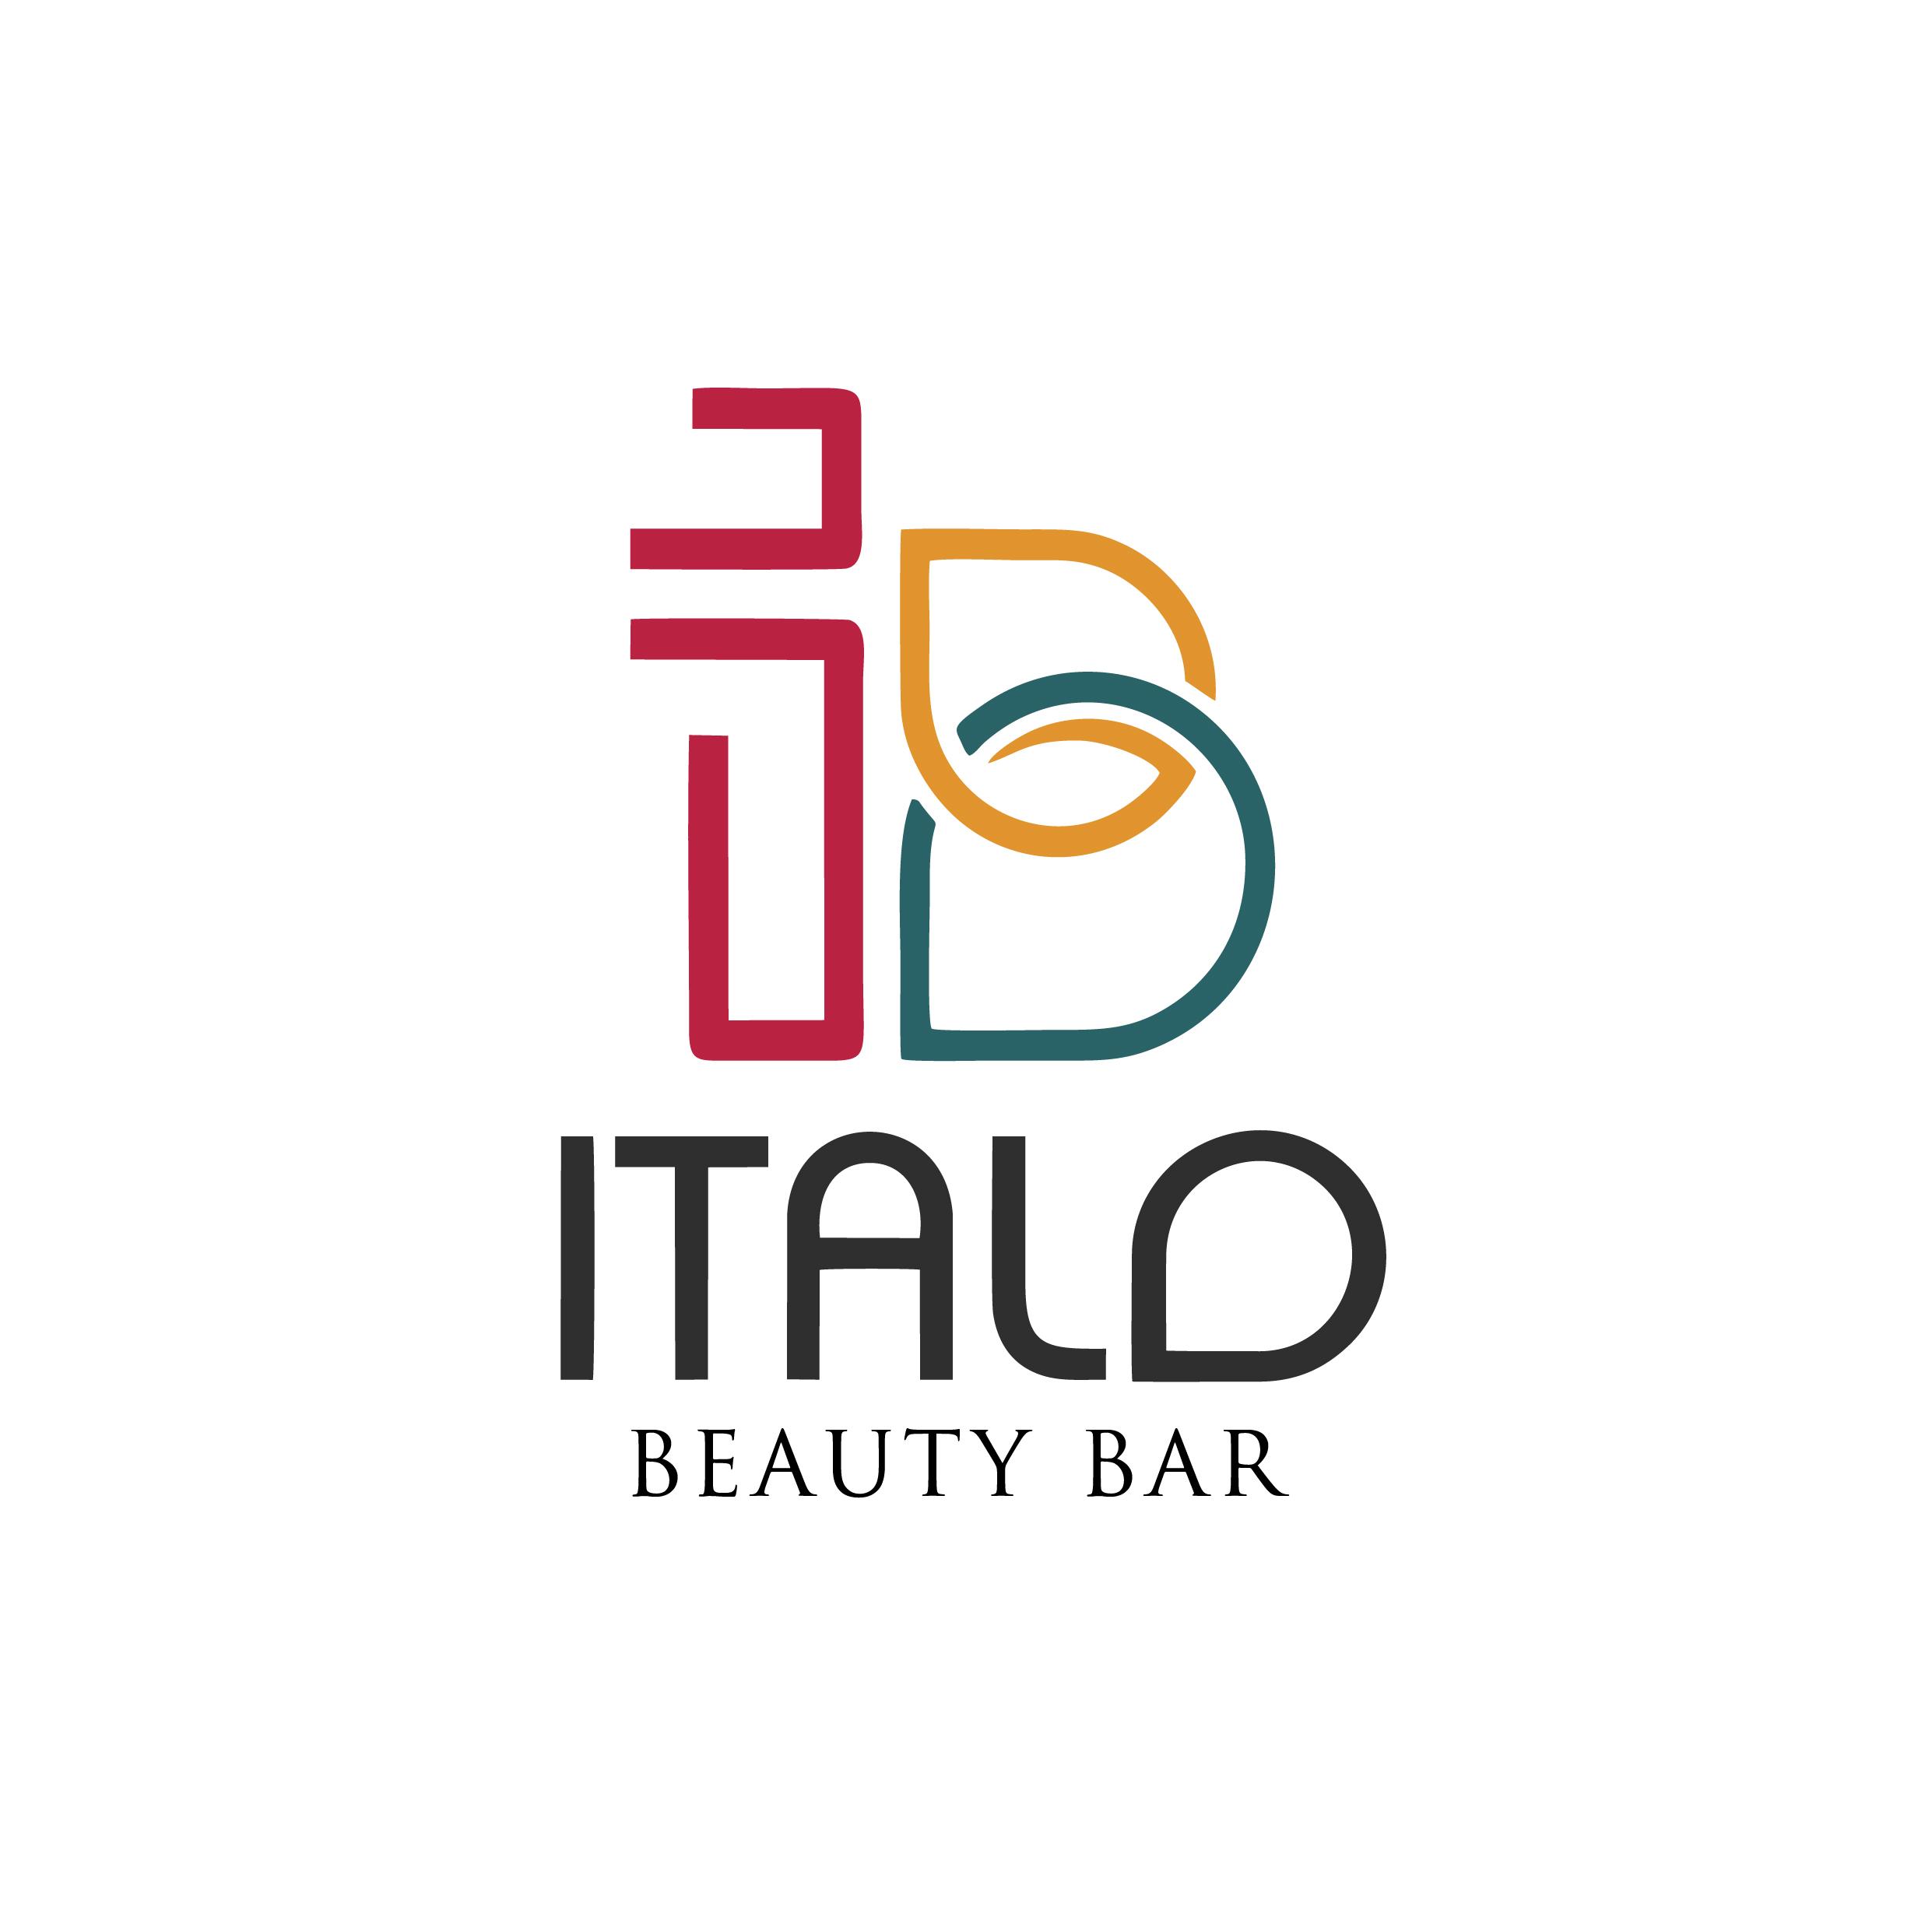 Italo Beauty Bar